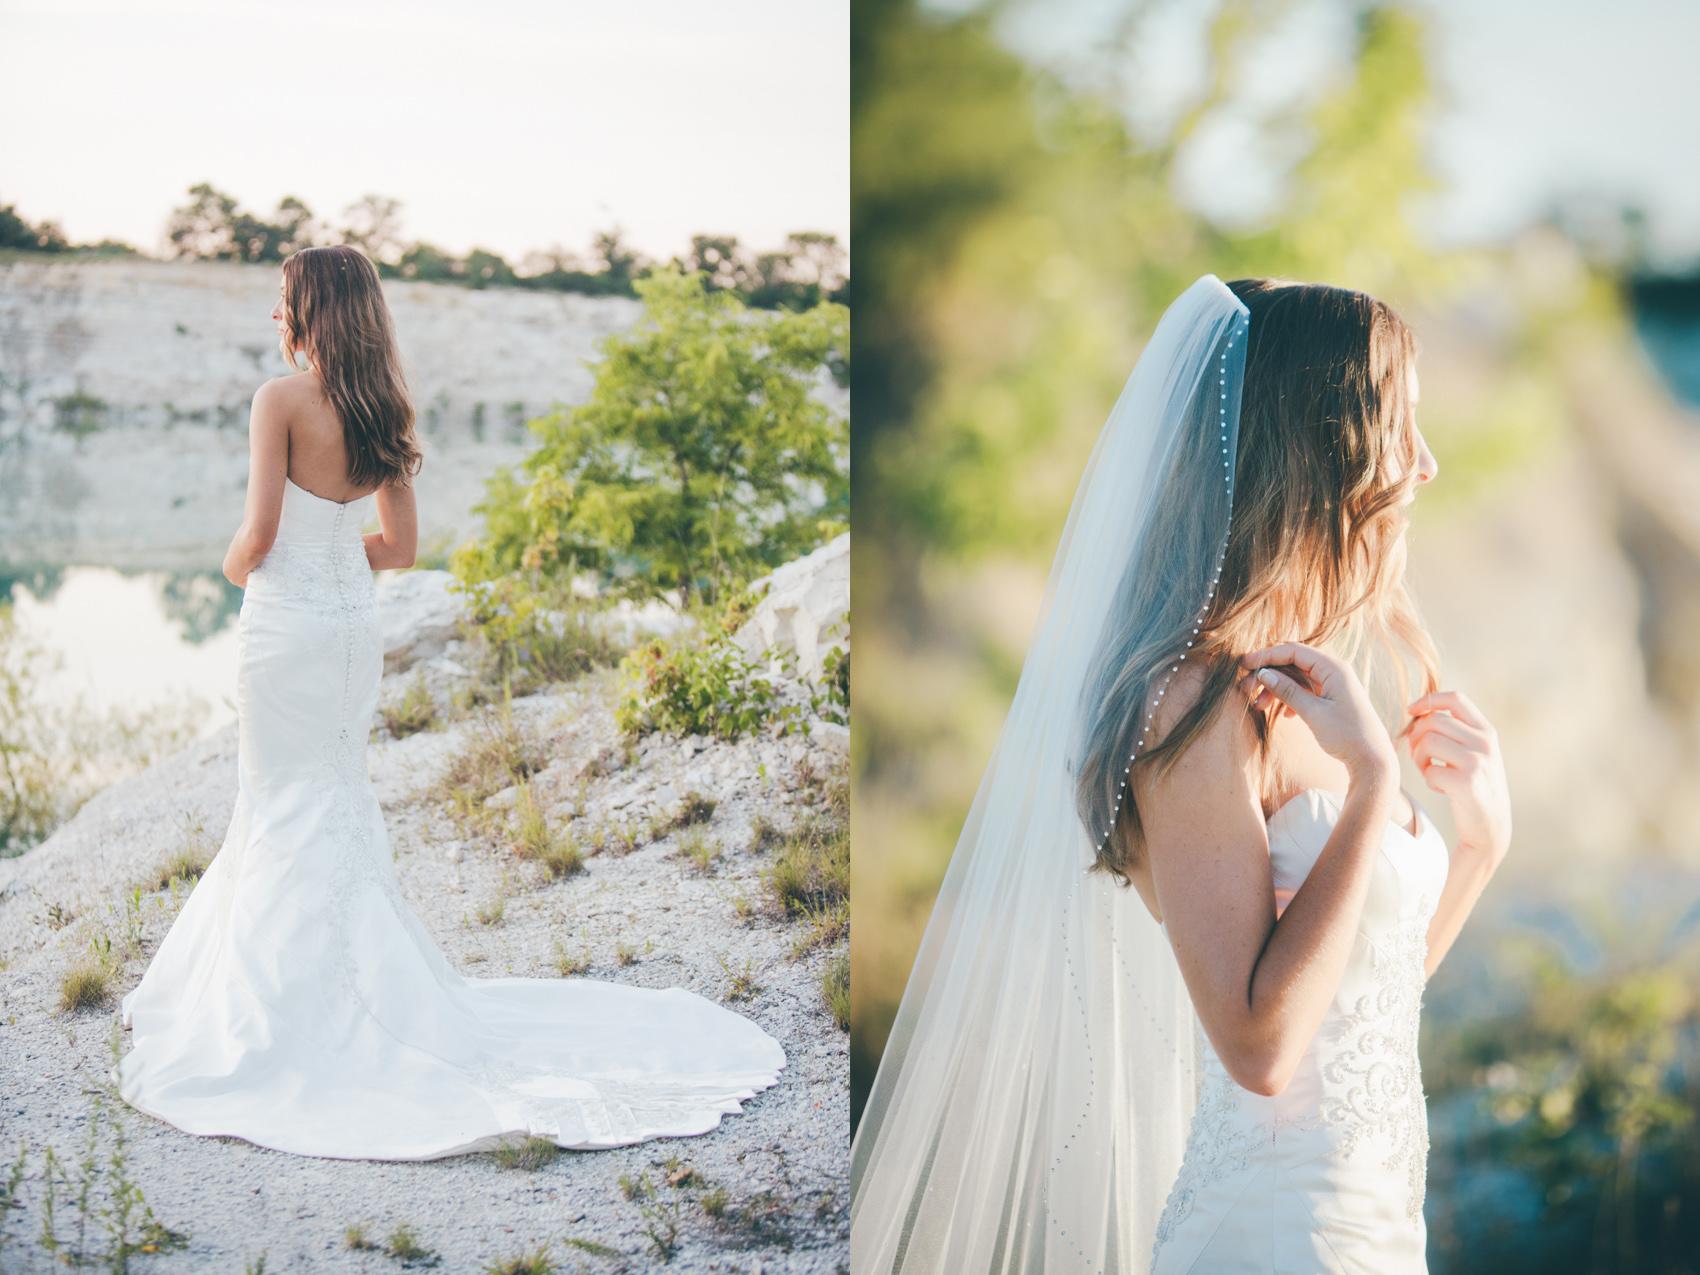 emily-yates-bridal-blog-7-2 copy